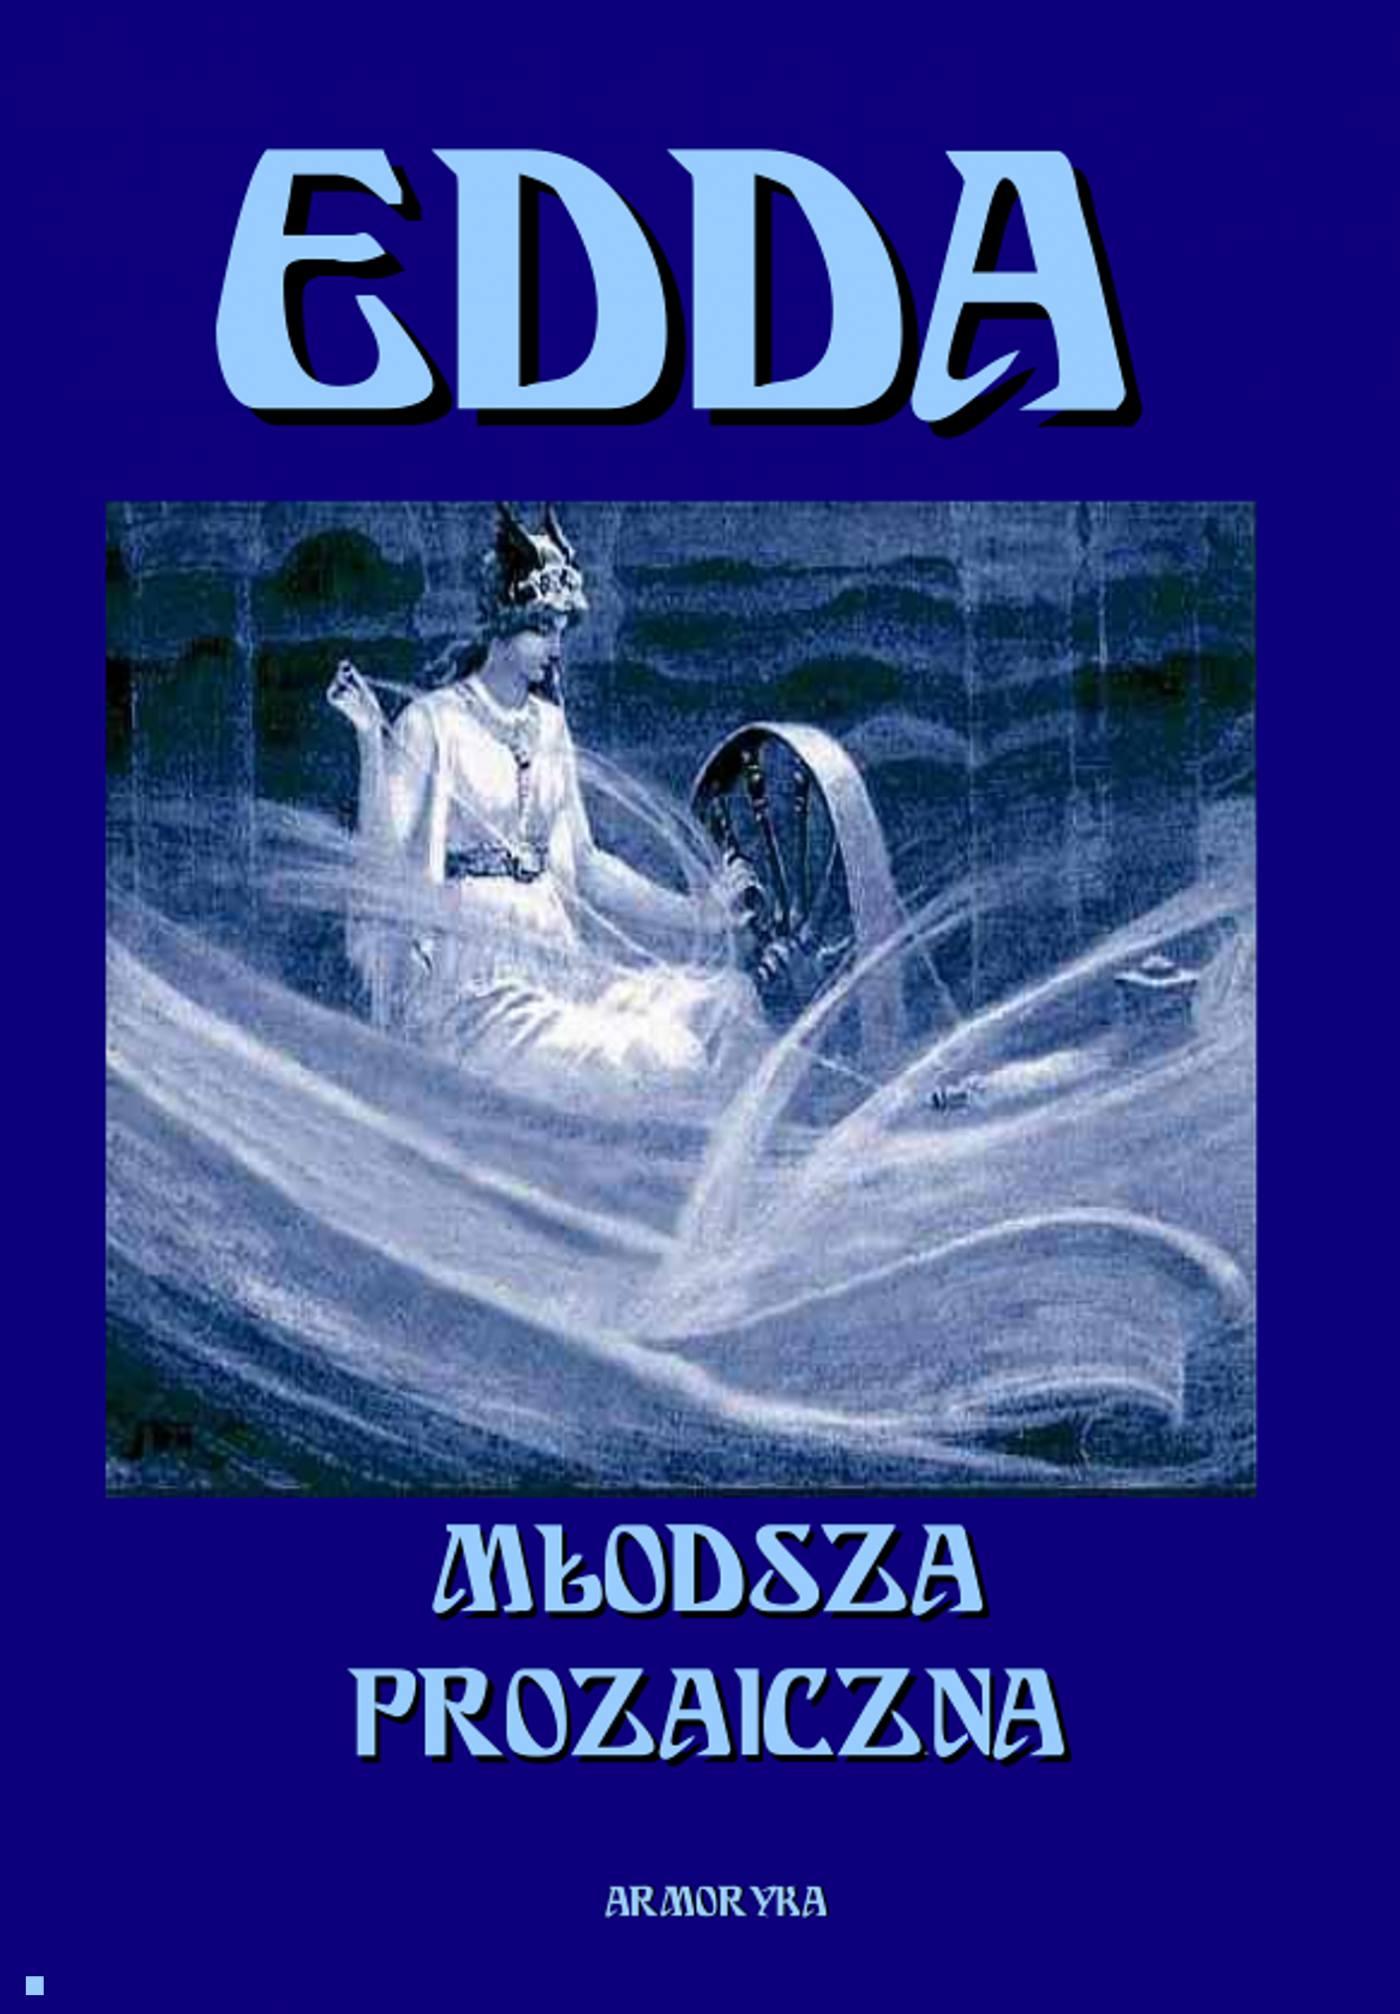 Edda Młodsza, Prozaiczna - Ebook (Książka EPUB) do pobrania w formacie EPUB